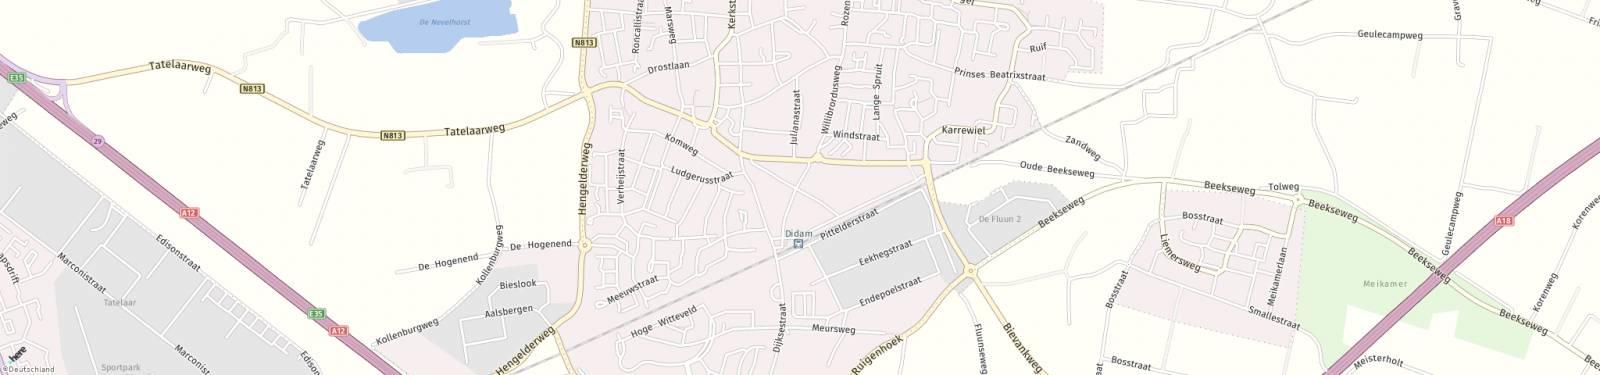 Kaart met locatie Appartement Willibrordusweg